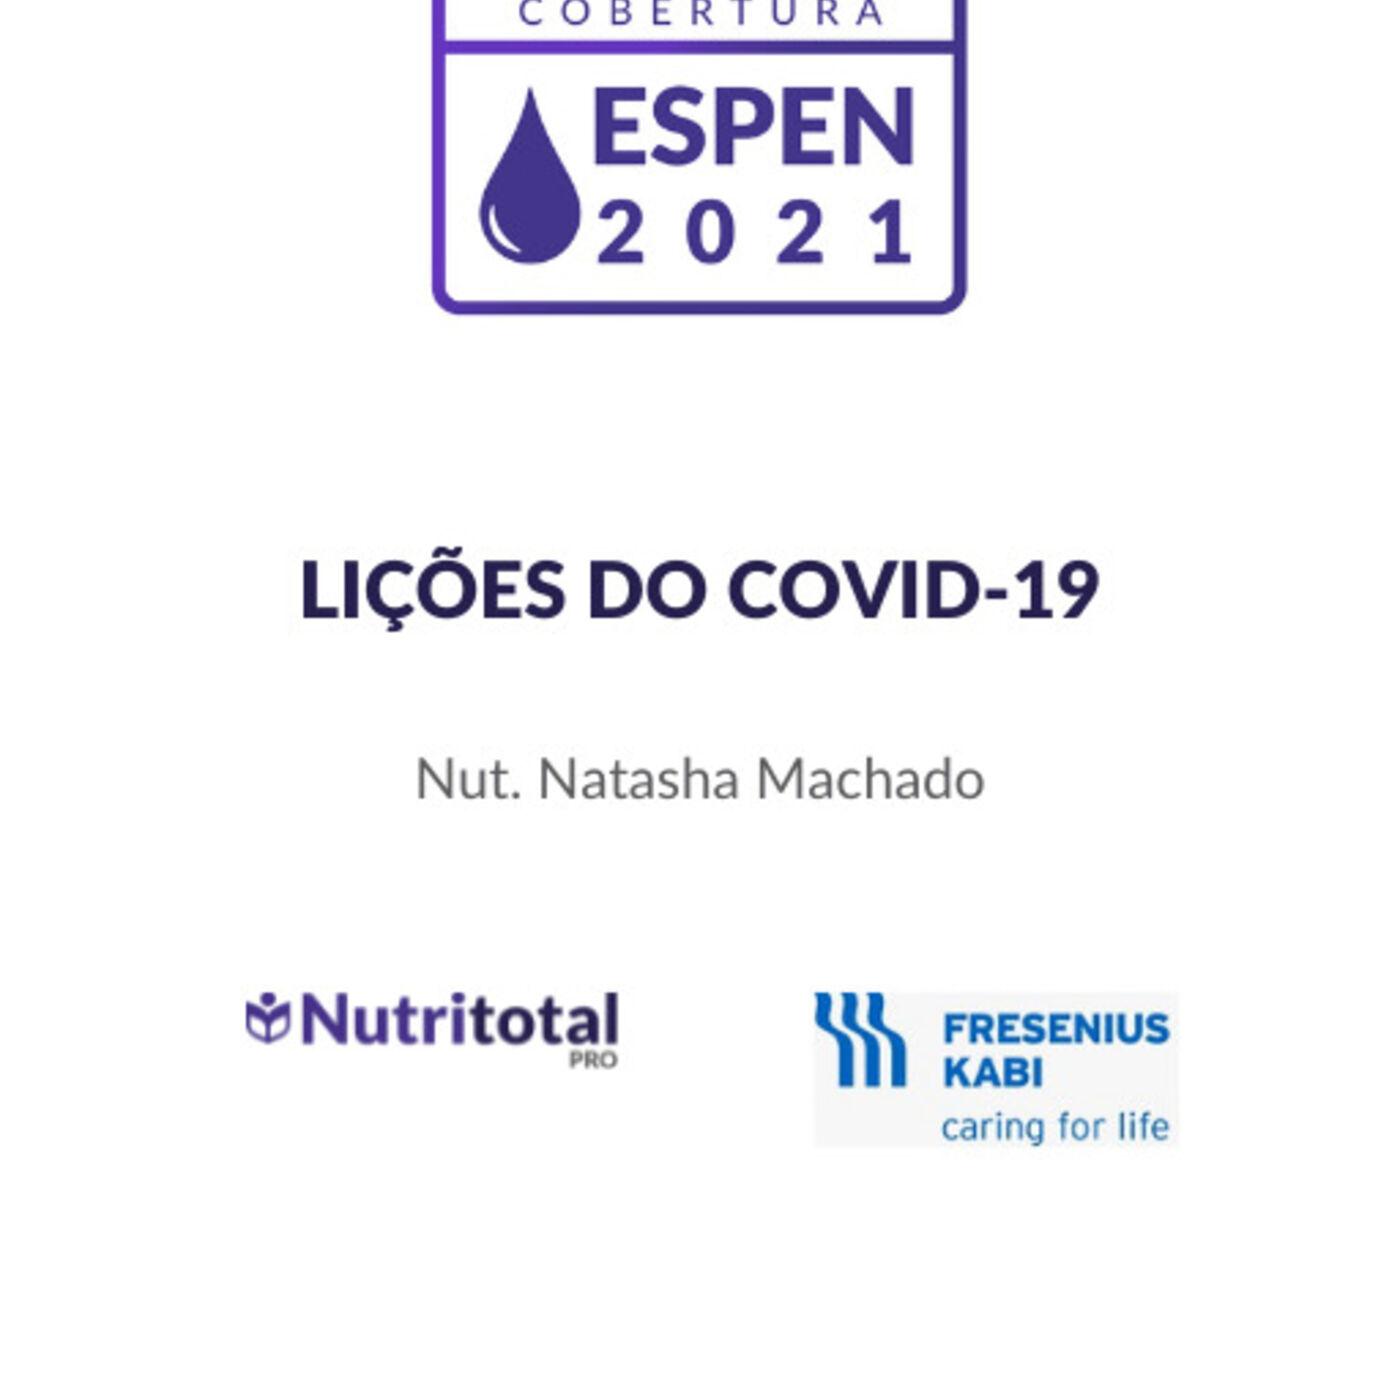 Congresso ESPEN 2021: Lições do COVID-19